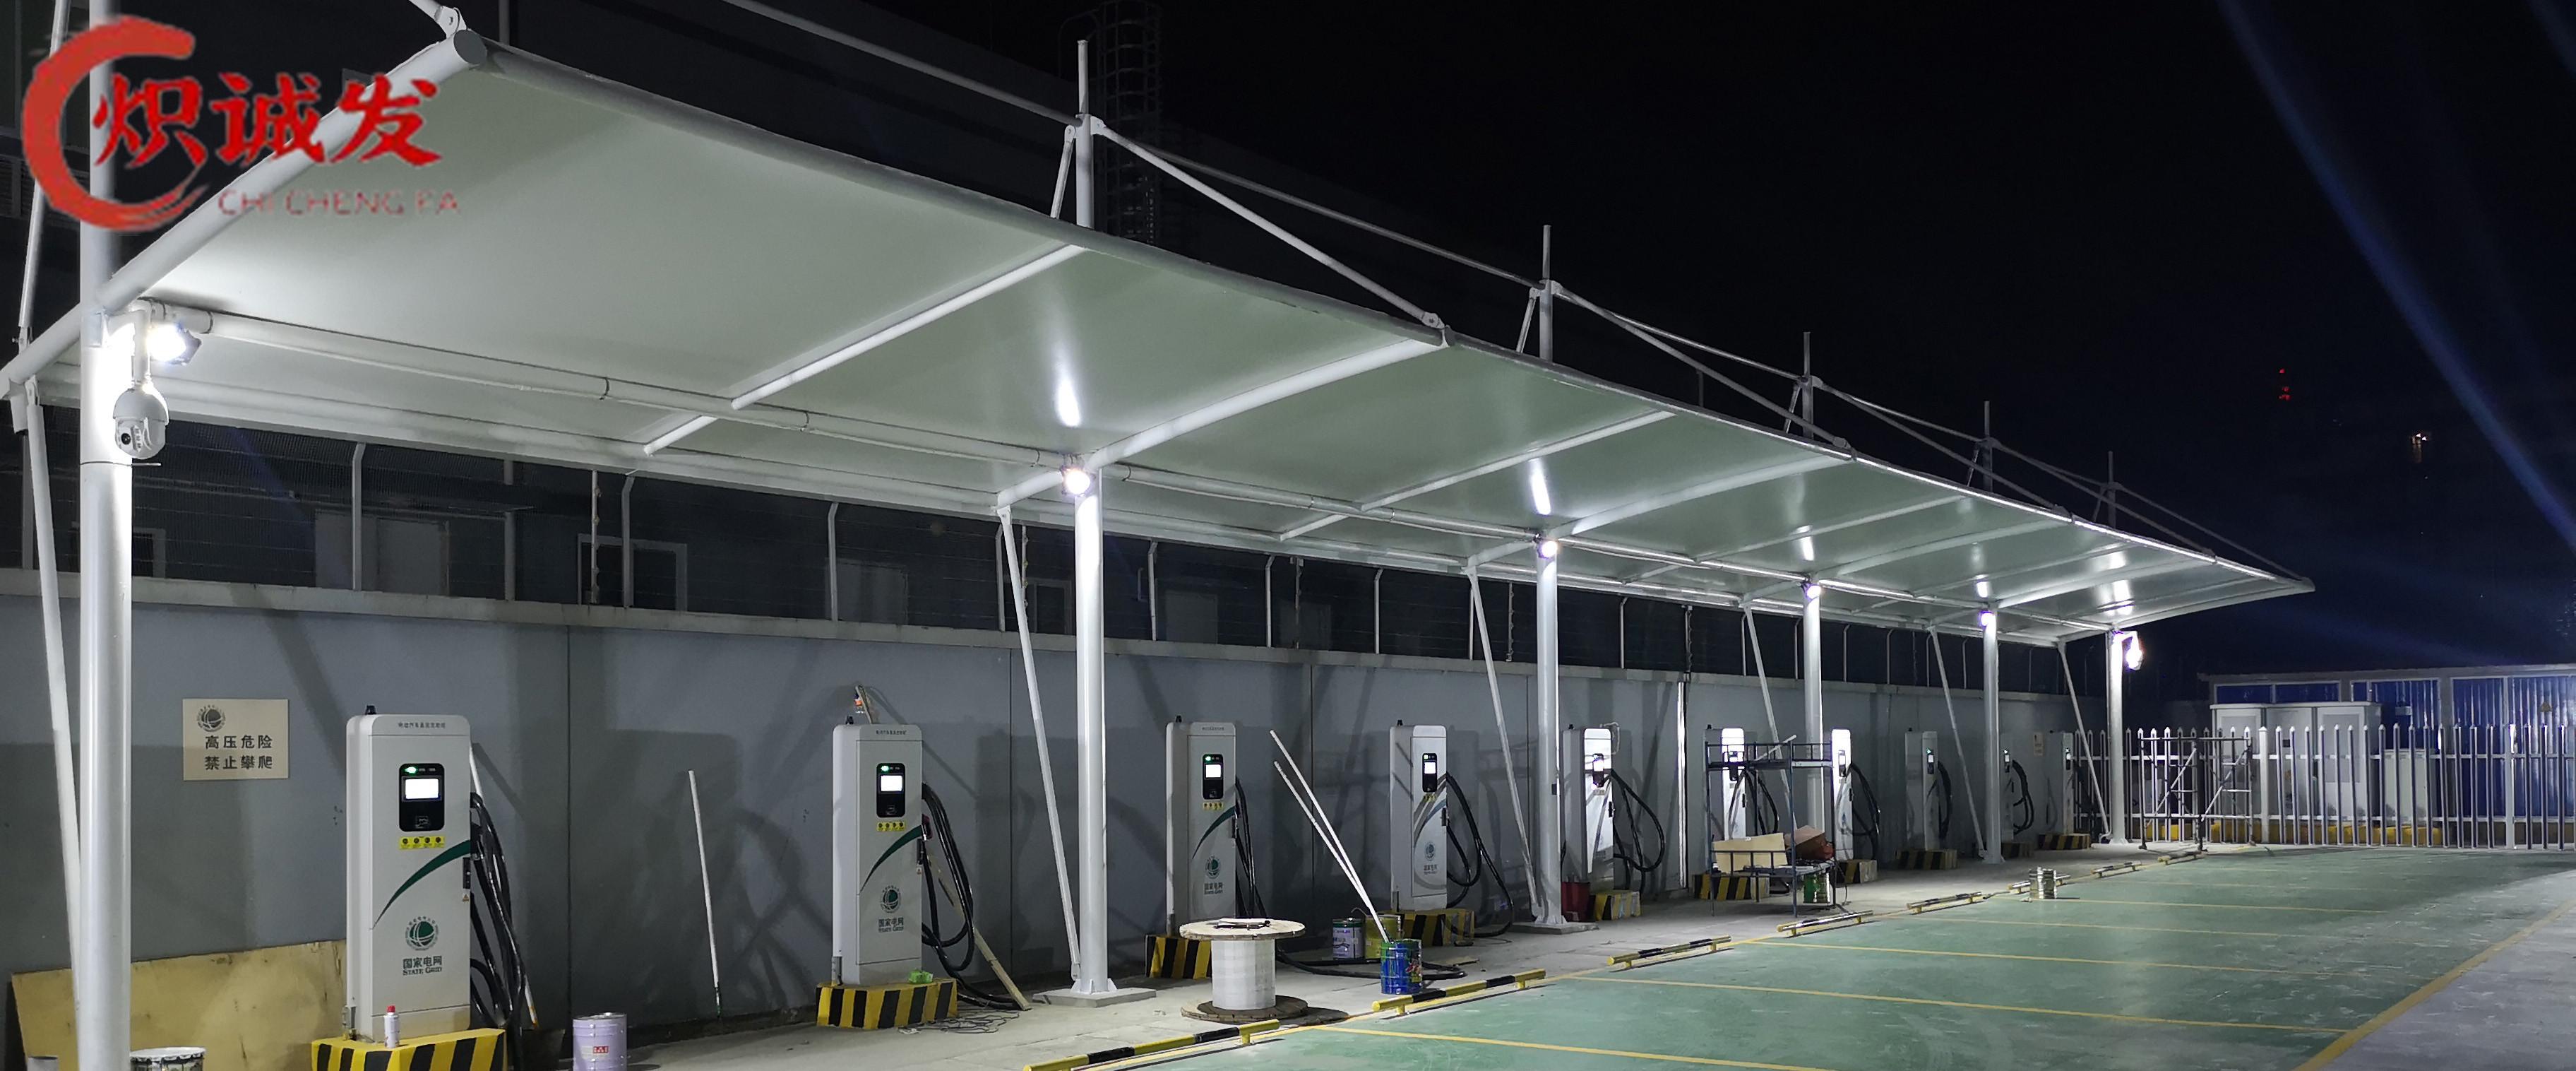 四川膜结构车棚-新都汉城小学充电桩车棚工程